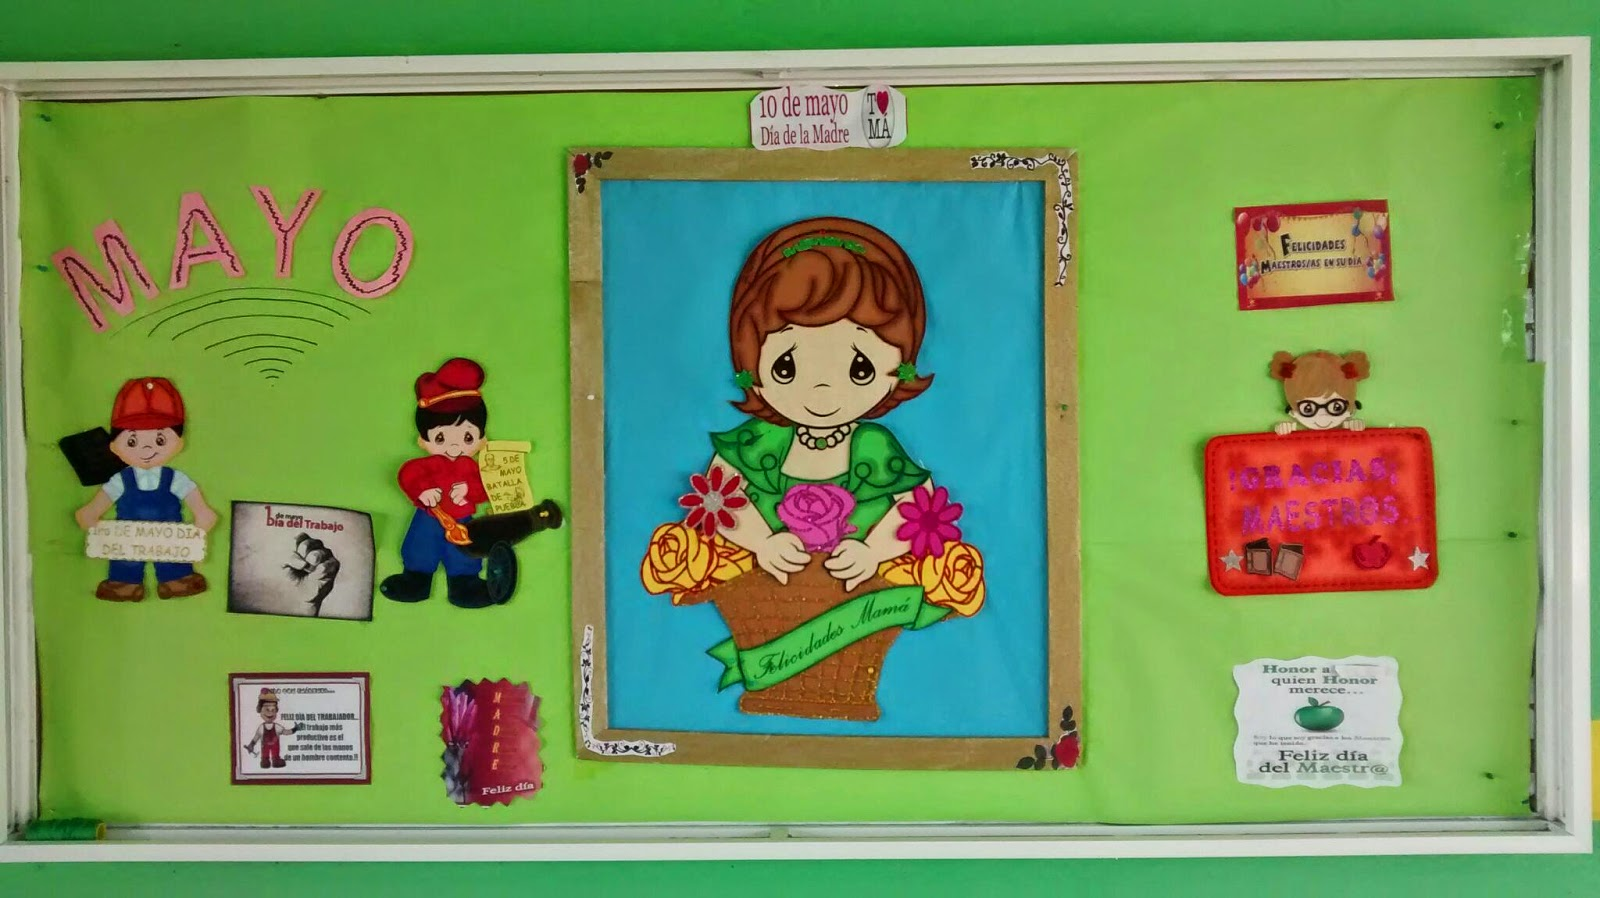 Escuela primaria nicol s bravo nuestro peri dico mural for Amenidades para periodico mural